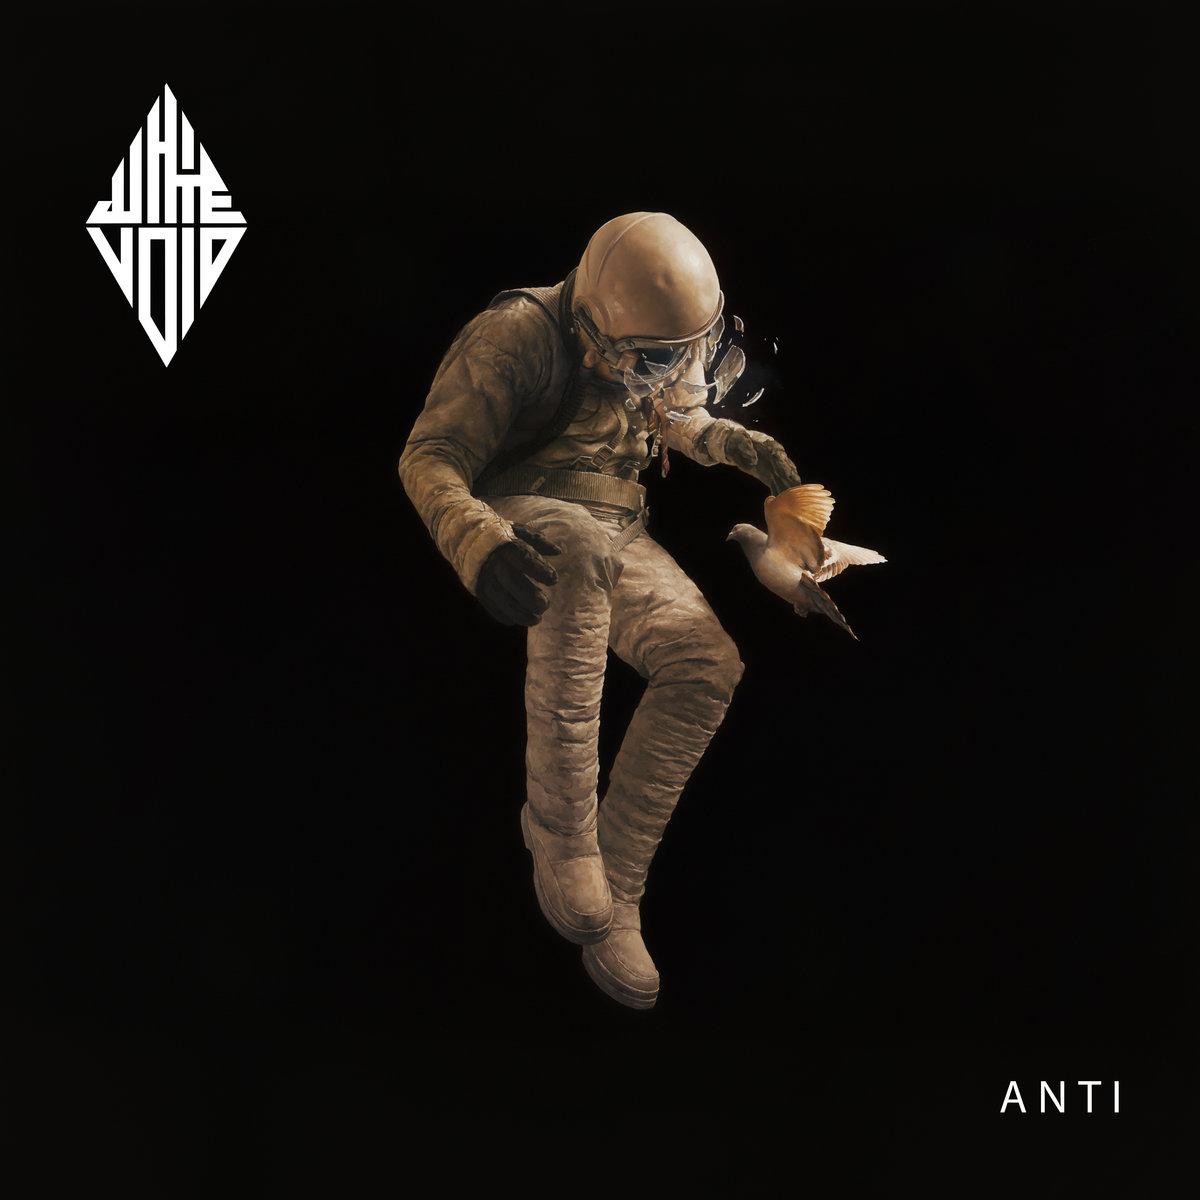 white void anti